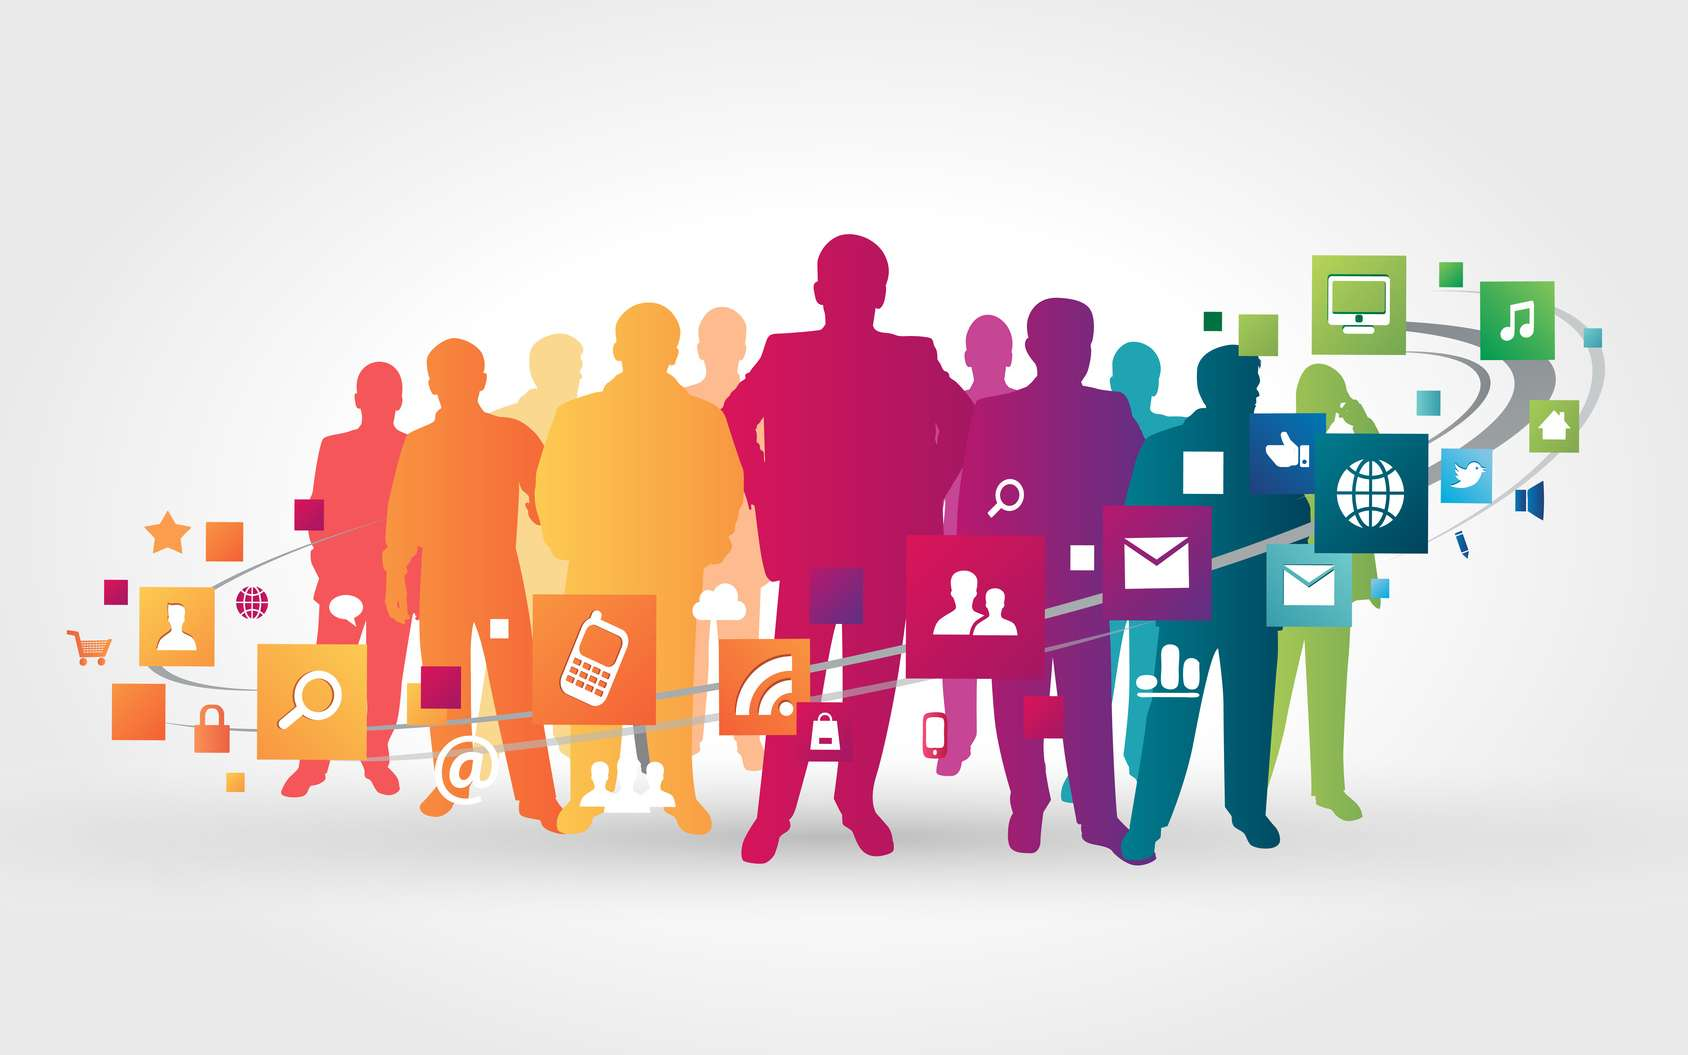 Les métiers du Web requièrent des compétences diverses. © Julien Eichinger, Fotolia